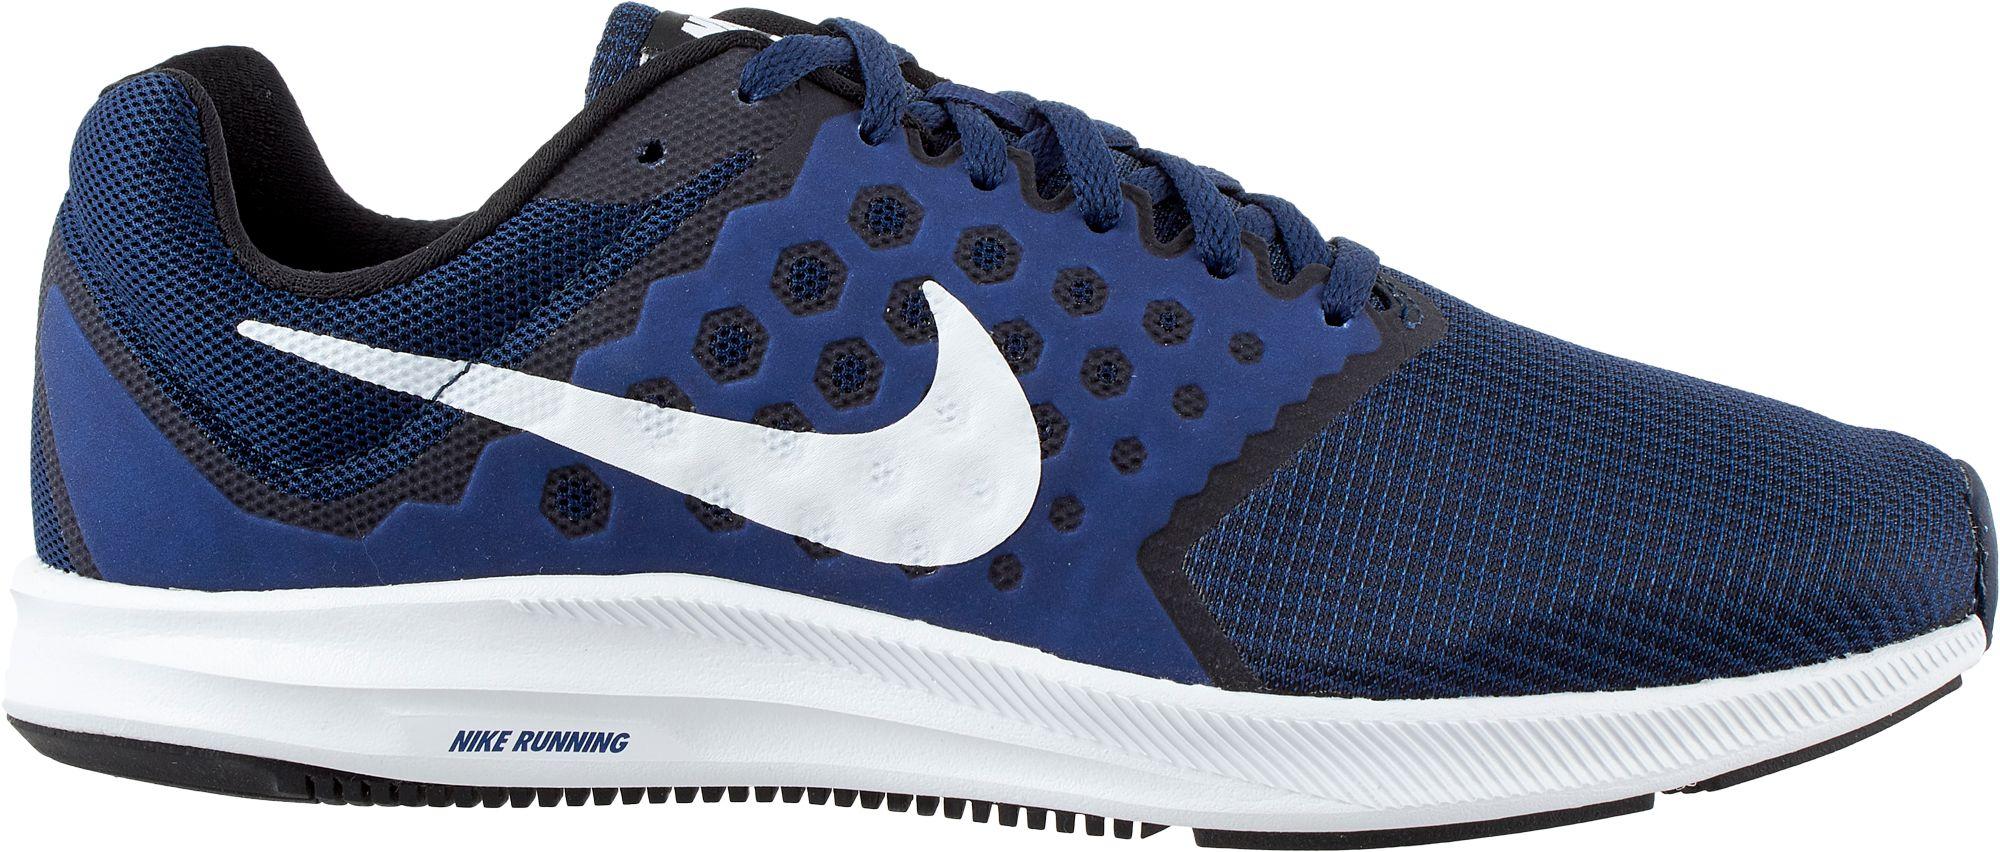 58c32347392 Nike Men s Downshifter 7 Running Shoes